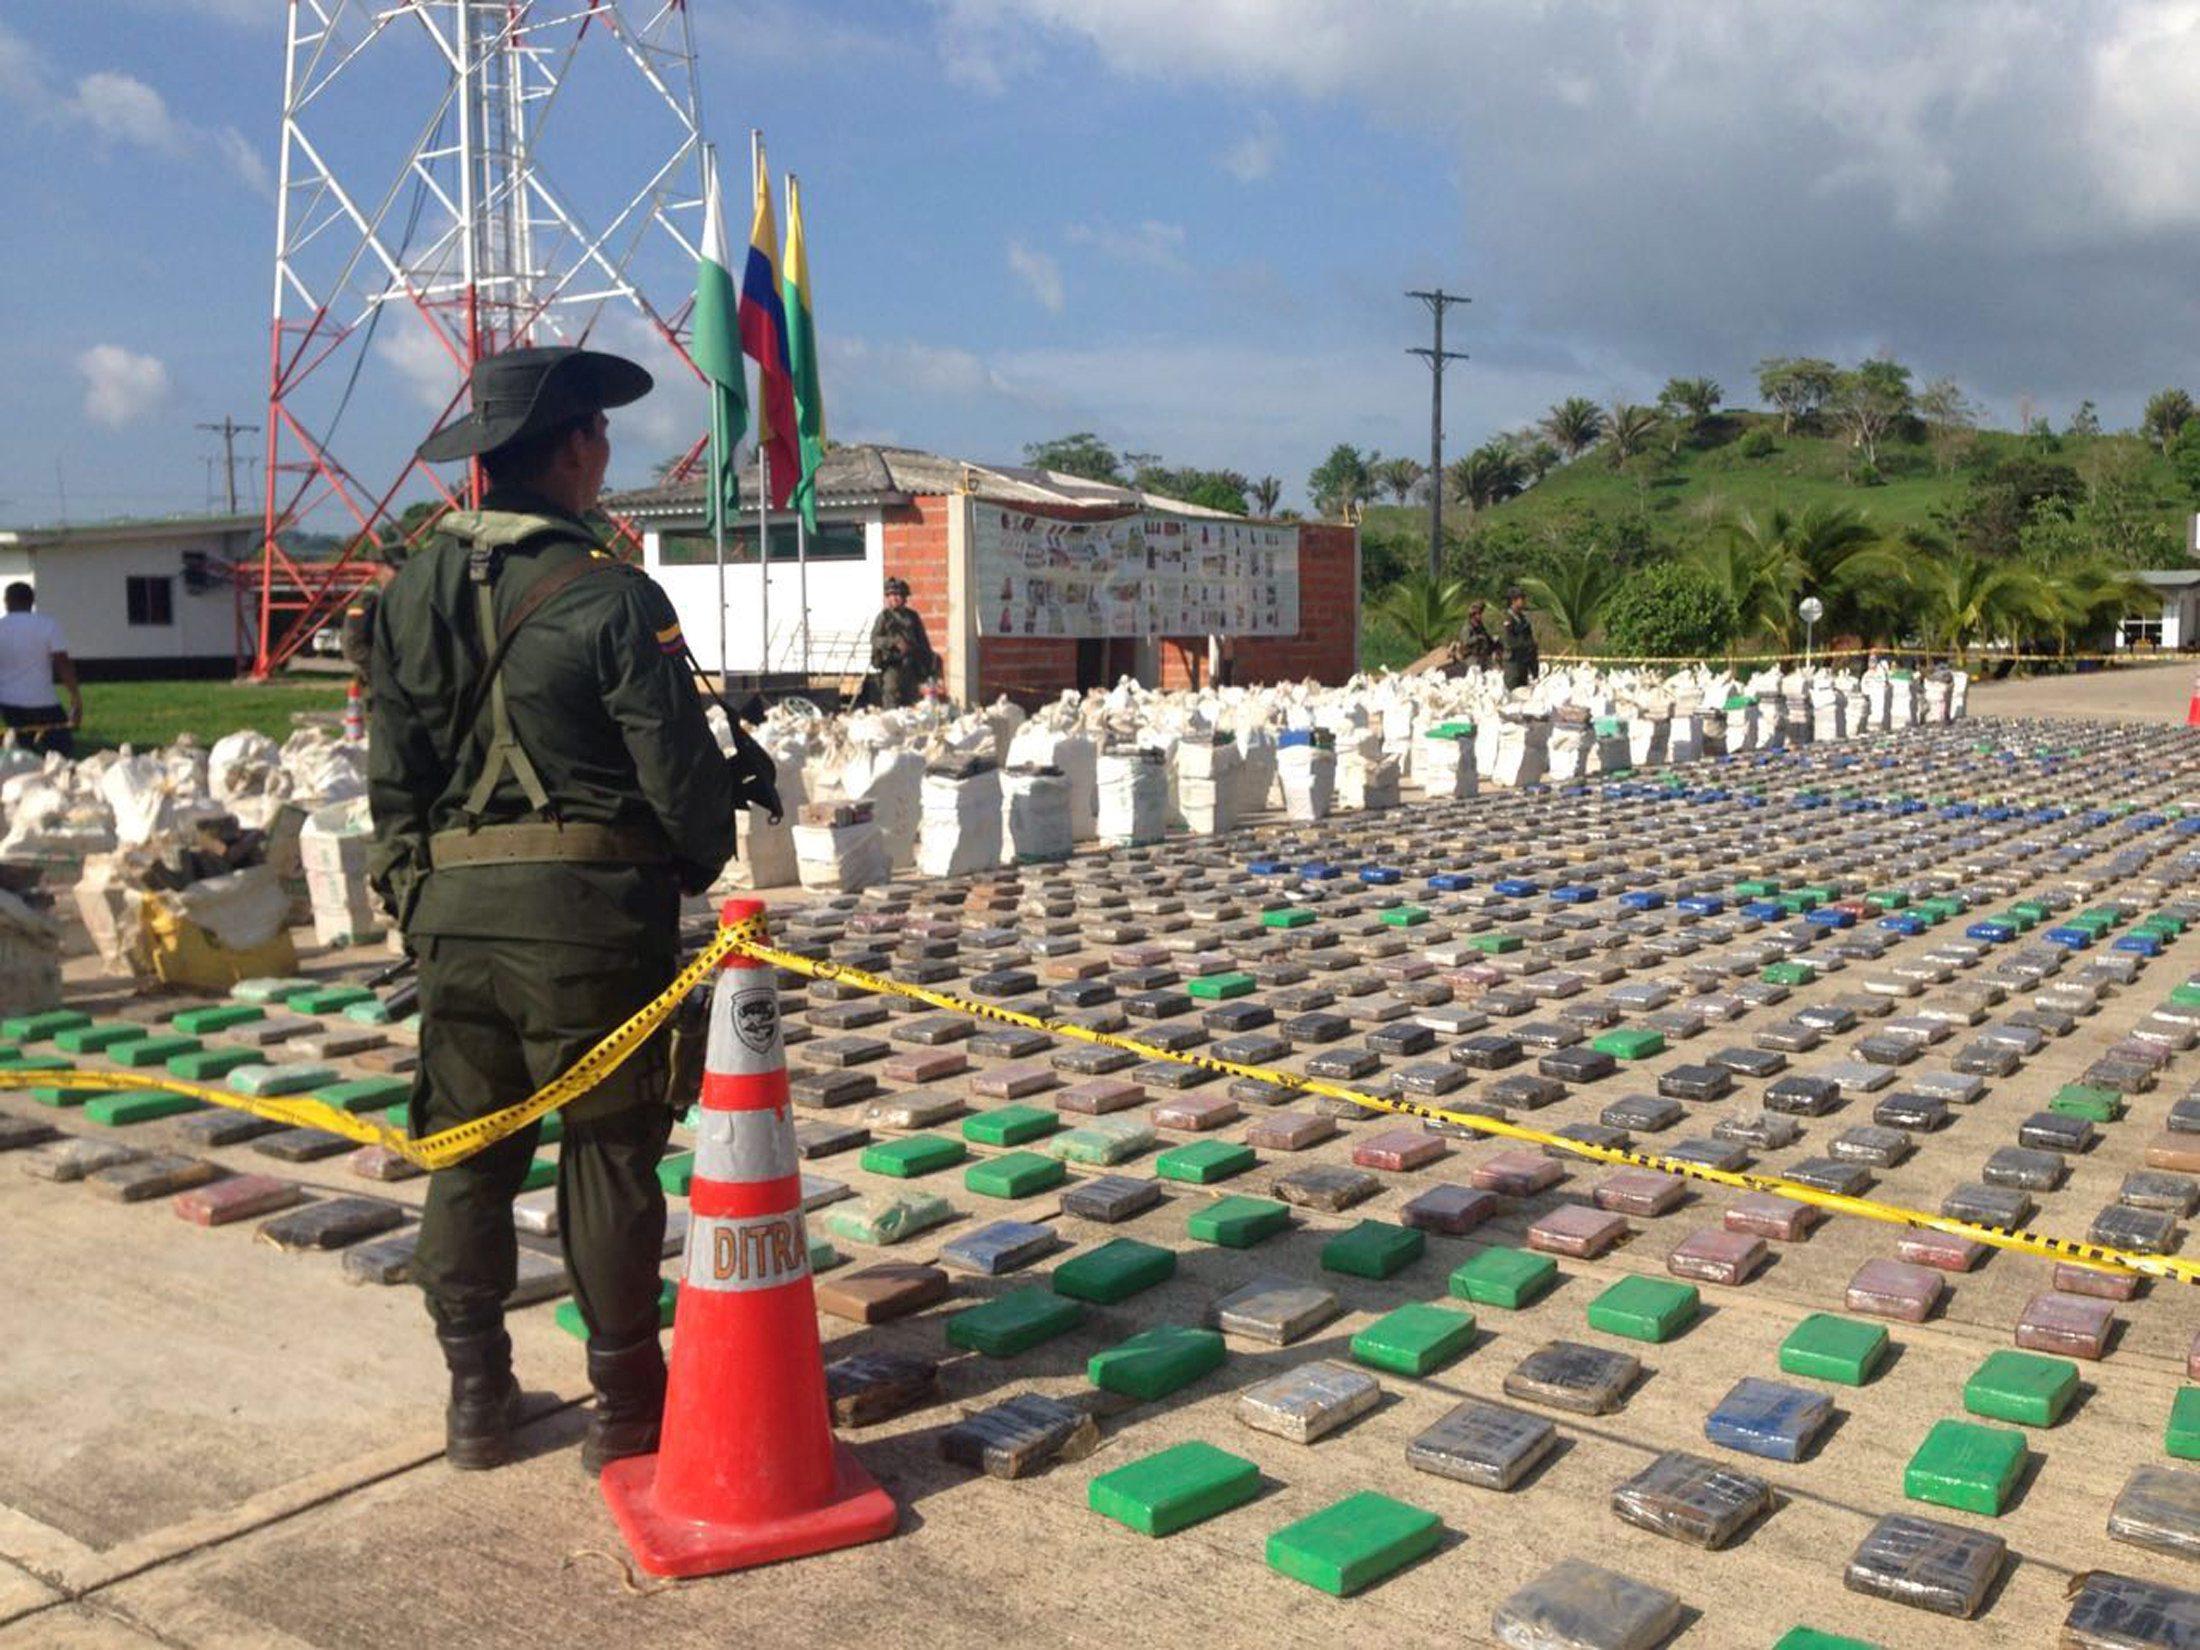 Kolumbijski policajac čuva pakete u kojima se prevozio kokain